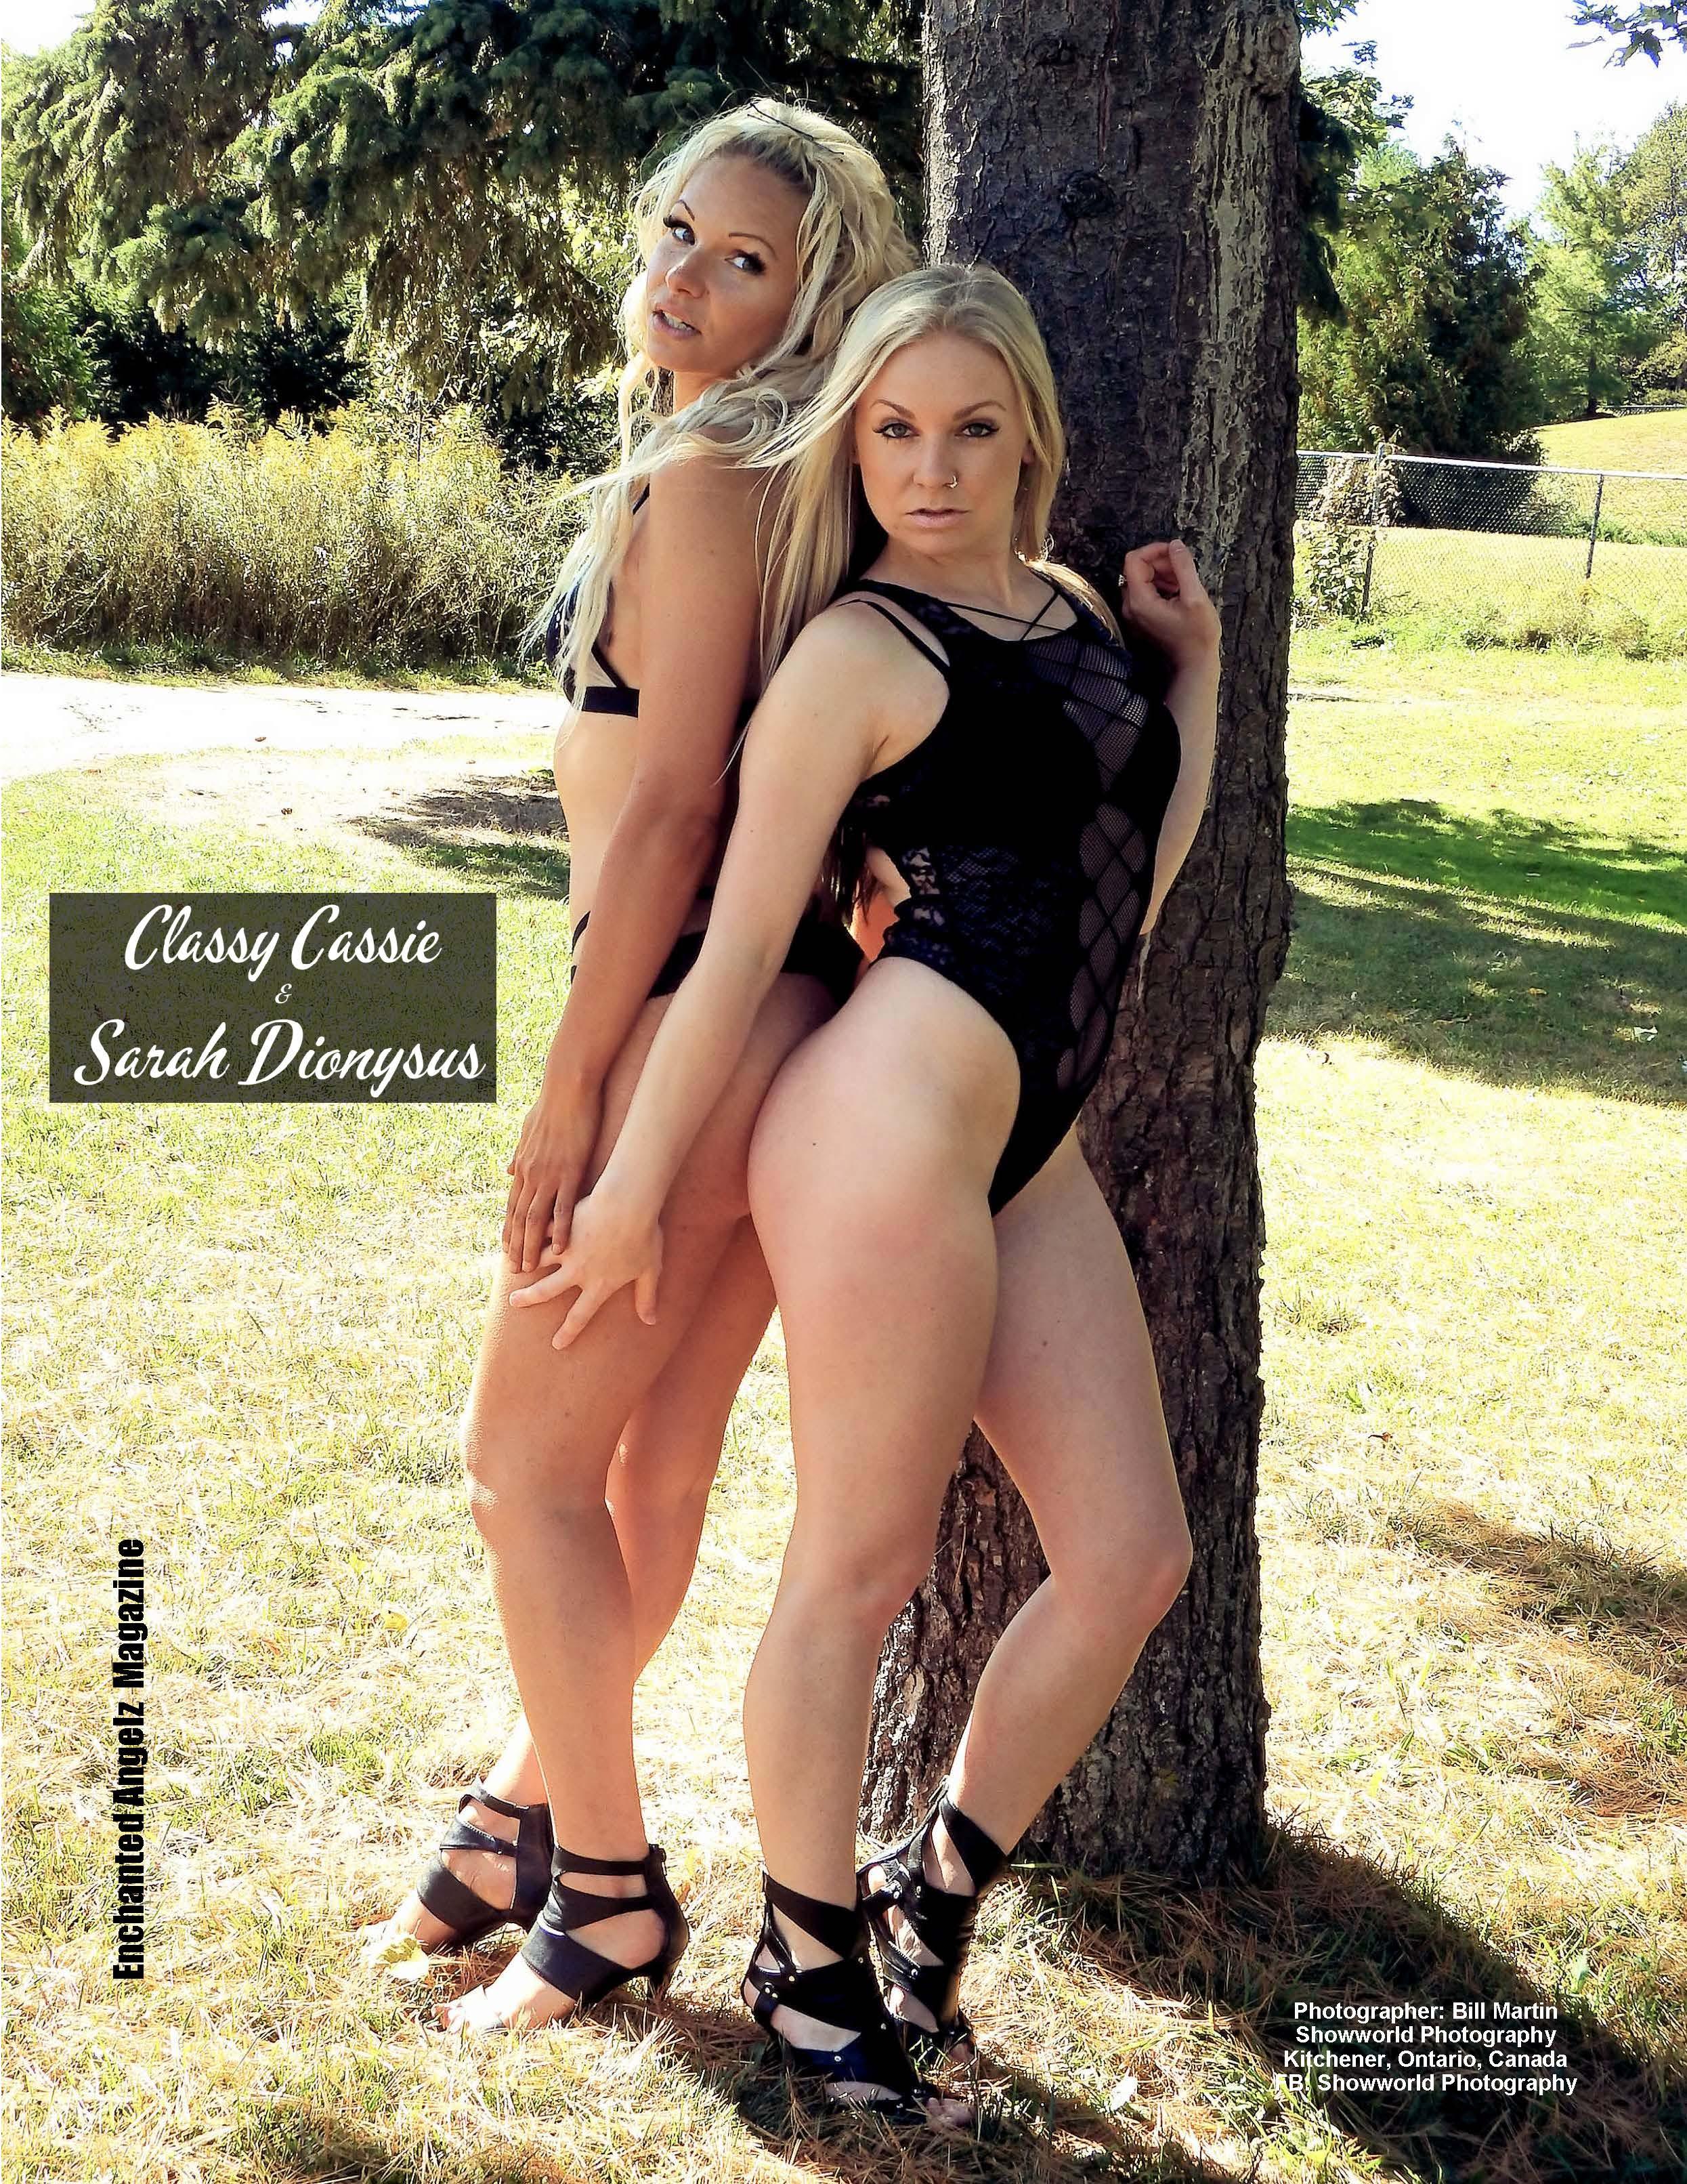 Cassie & Sarah - Nov 2017